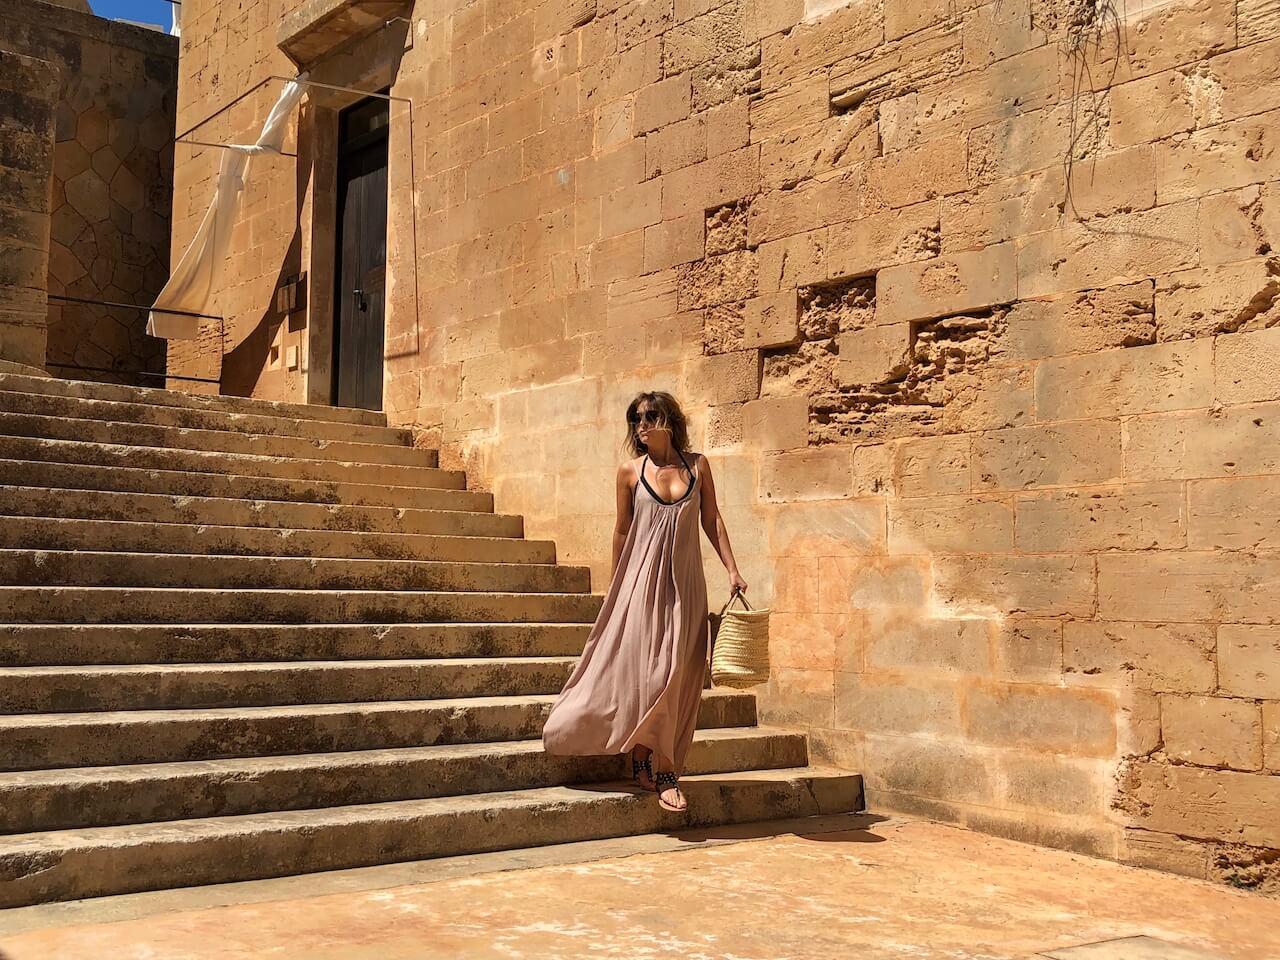 Abschalten auf Reisen mit den News des Alltags Nau Travel Reiseblog Blog Annaway